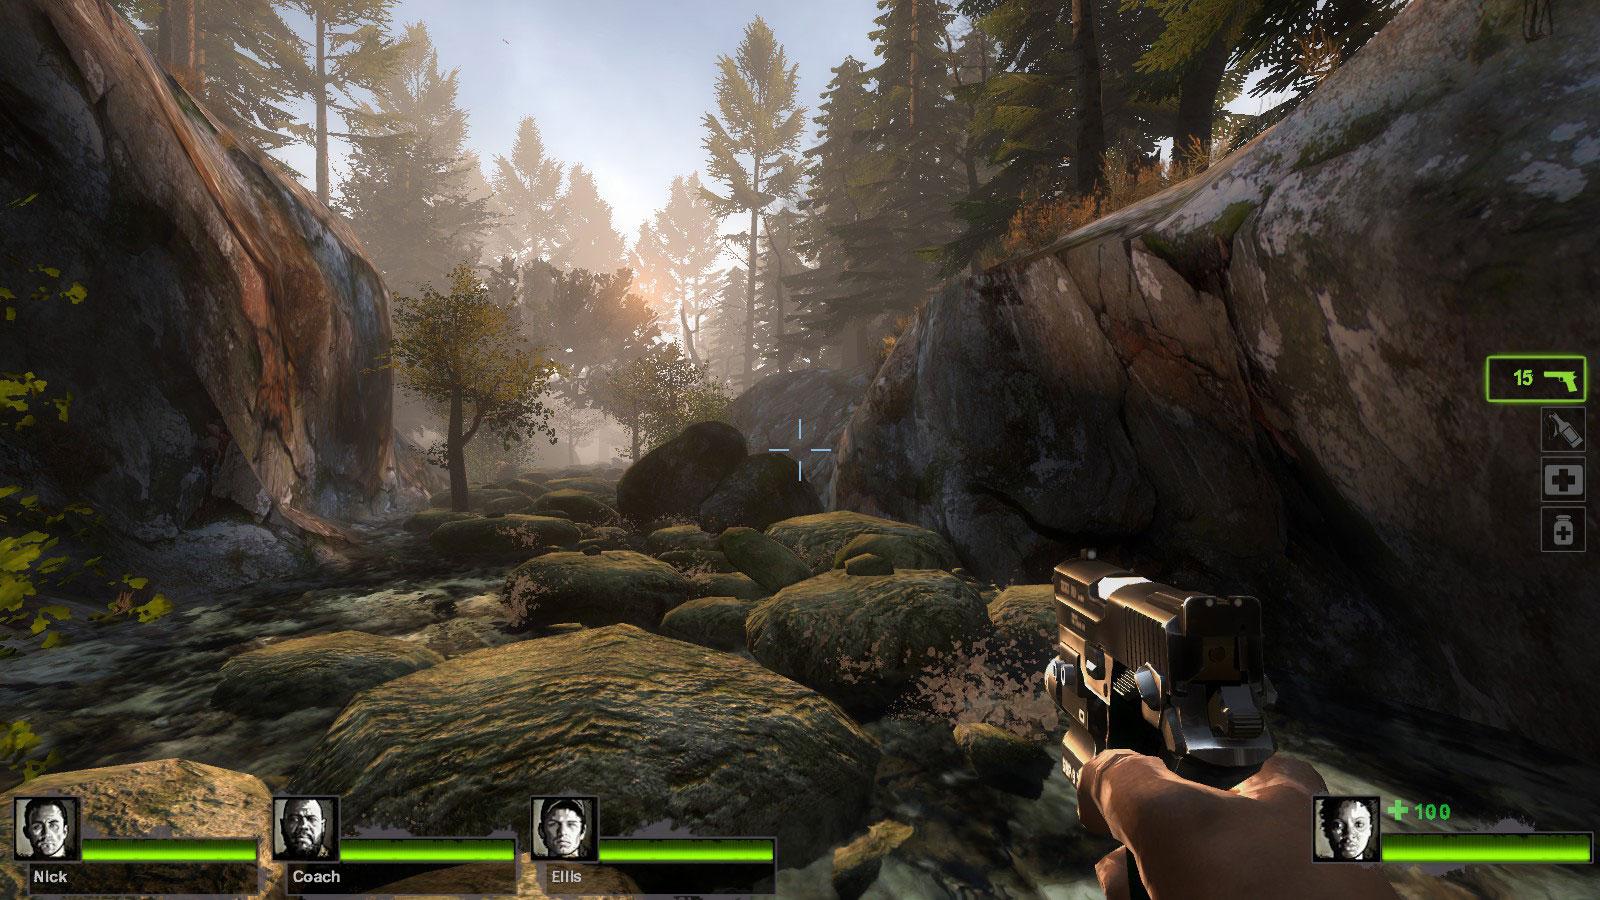 La campaña Dead Air, para Left 4 Dead 2, saldrá antes si suficientes personas terminan Cold Stream